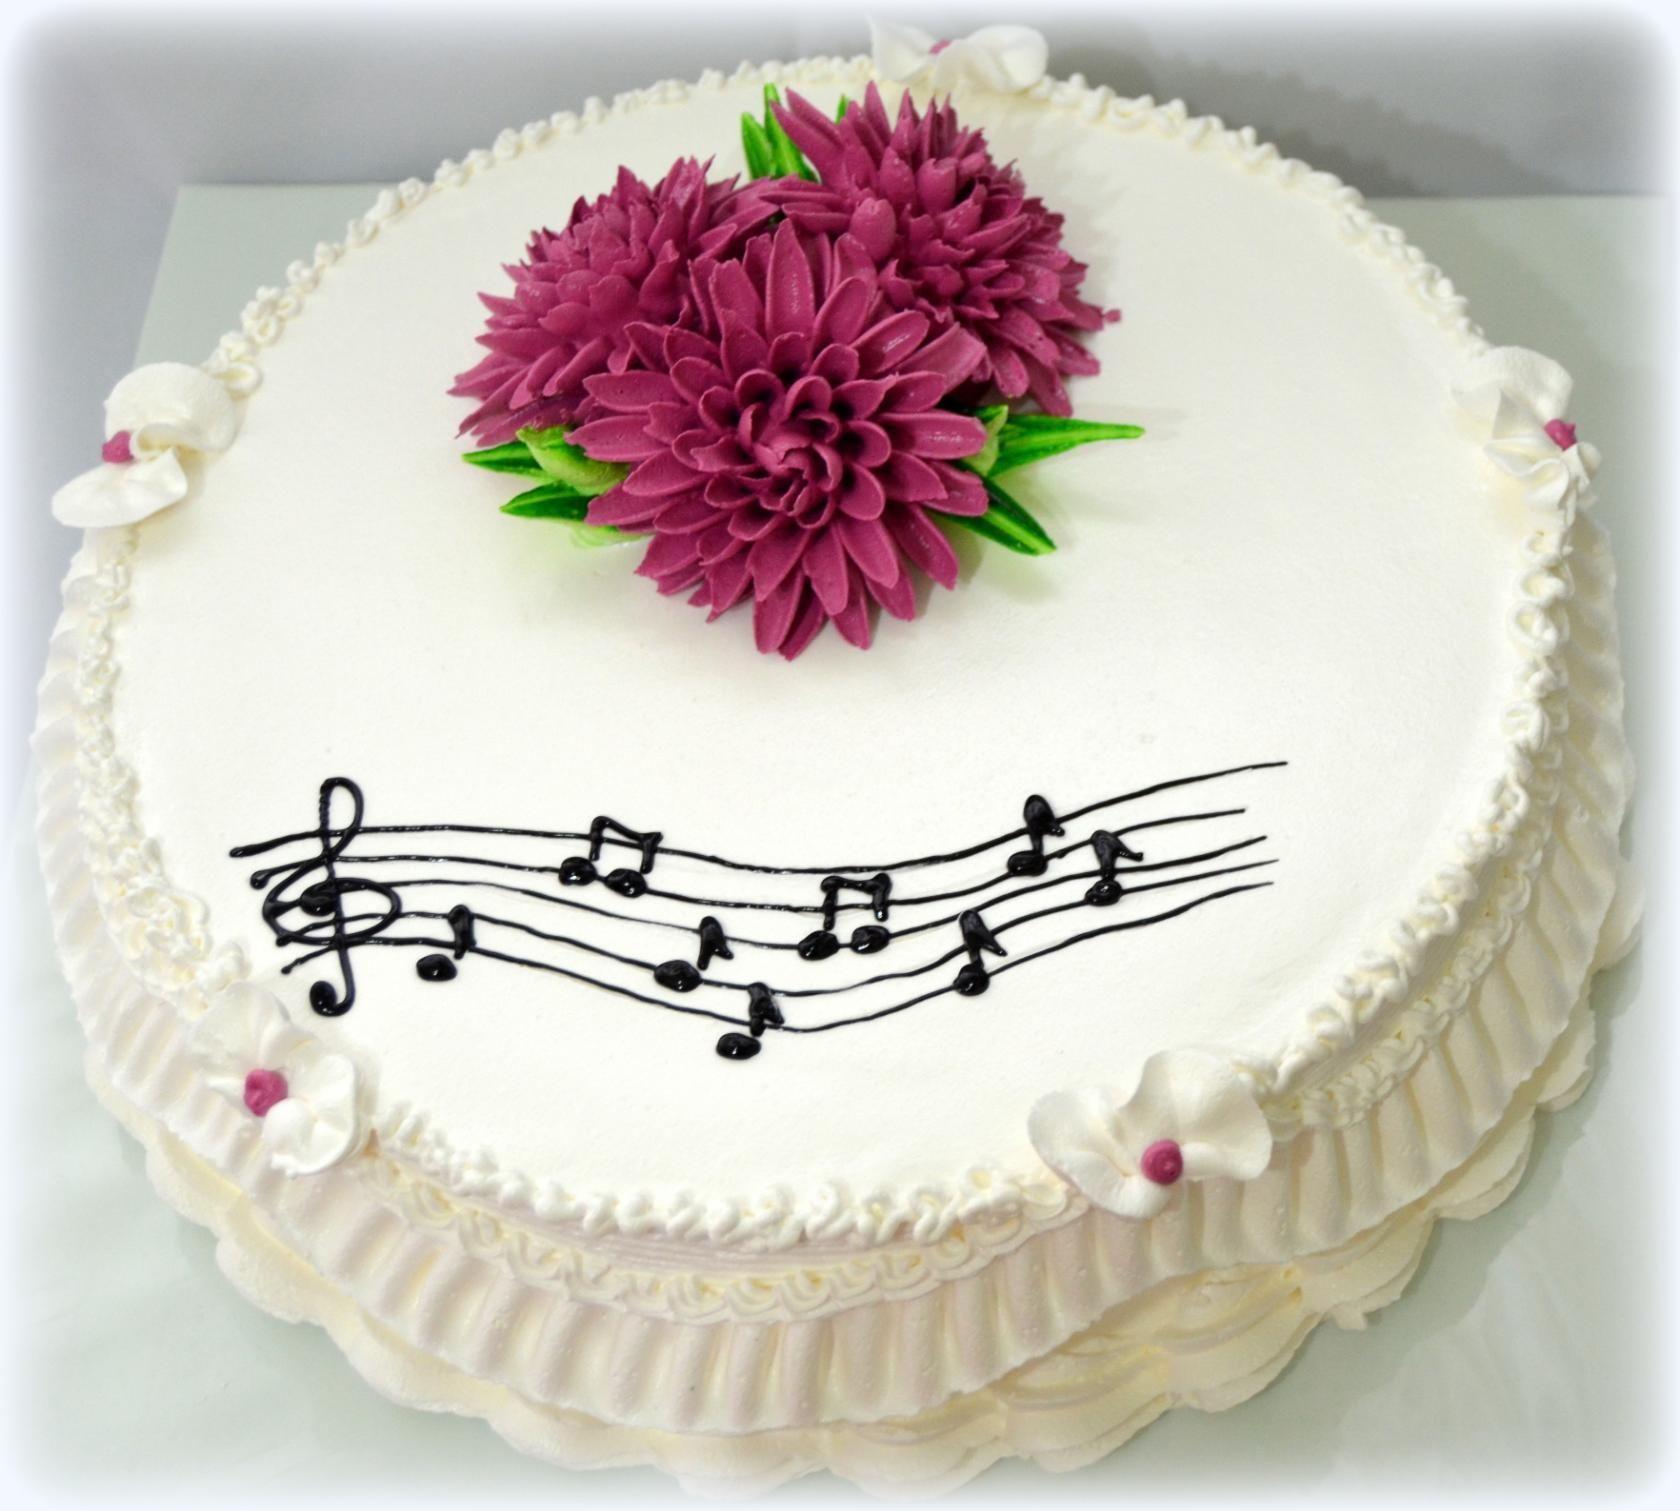 Фотография | Тематические торты, Торты на музыкальную тему ...